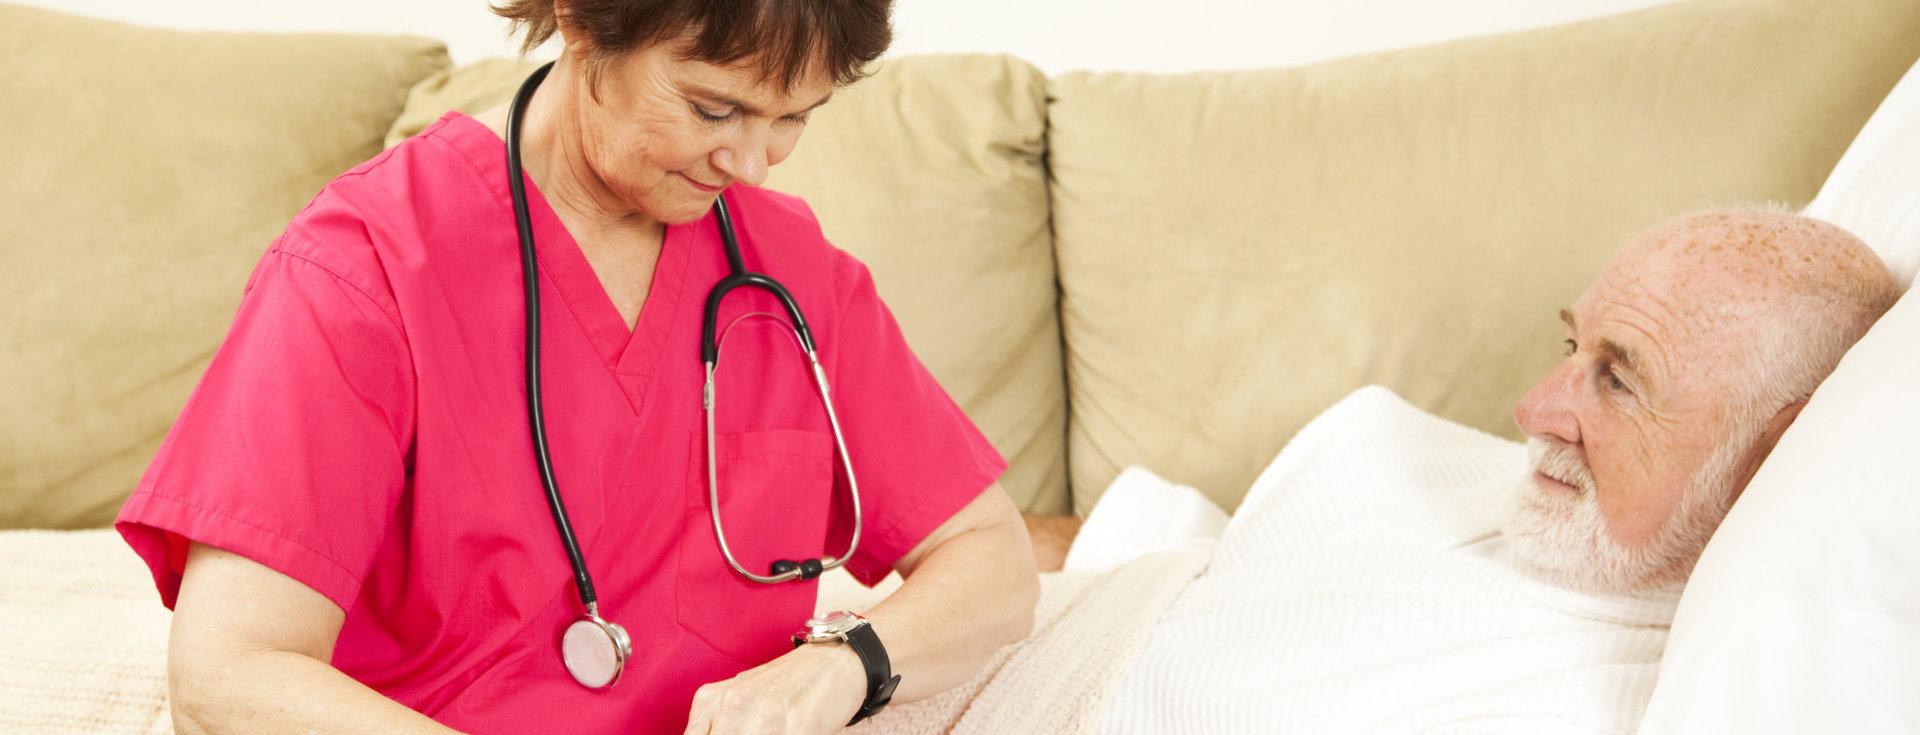 nurse taking care of old man